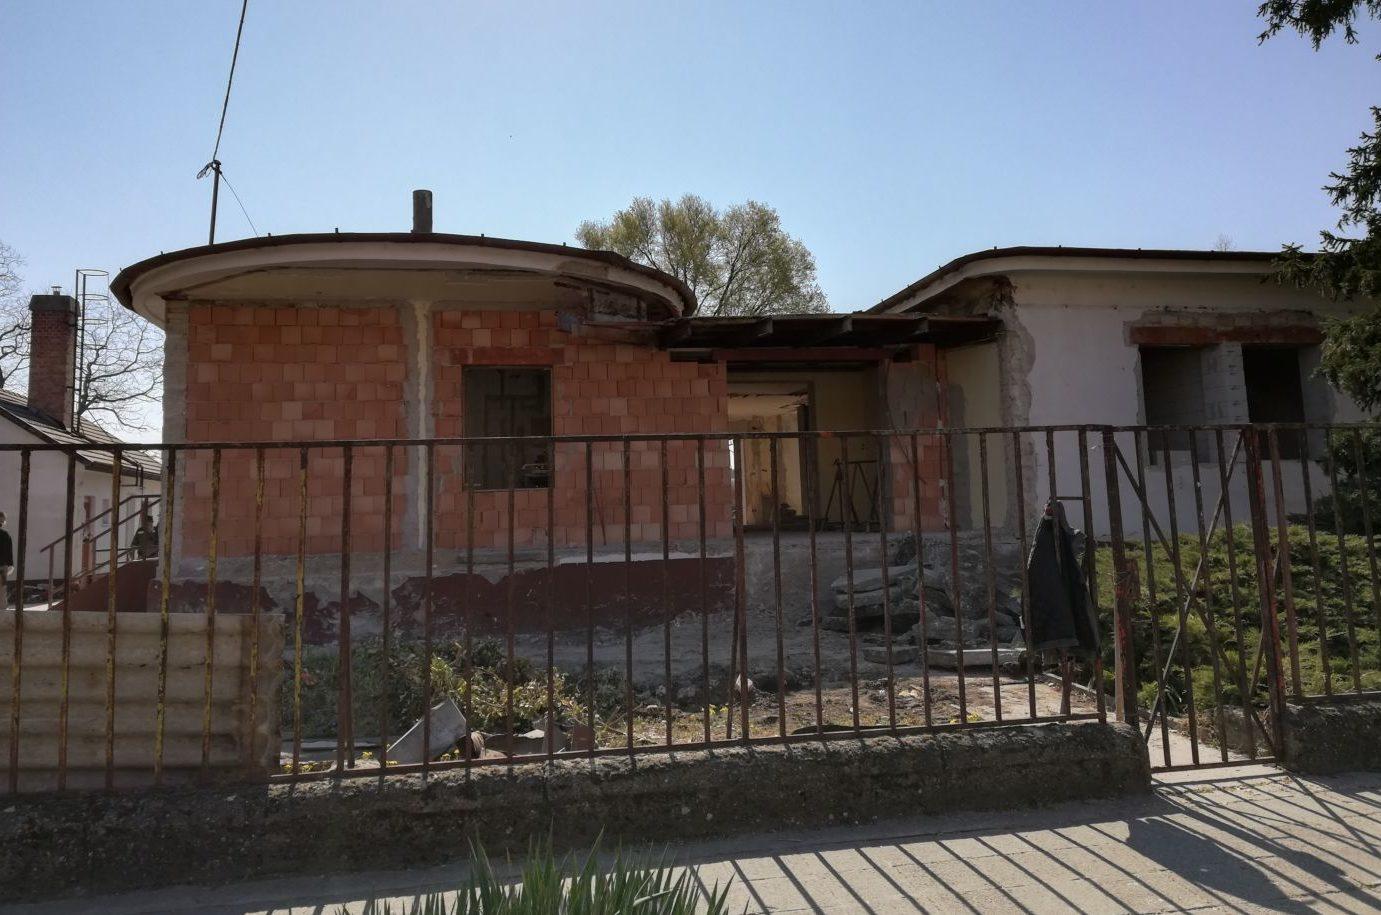 Gőzerővel folyik a Hagyományok Házának építése Kiskőrösön